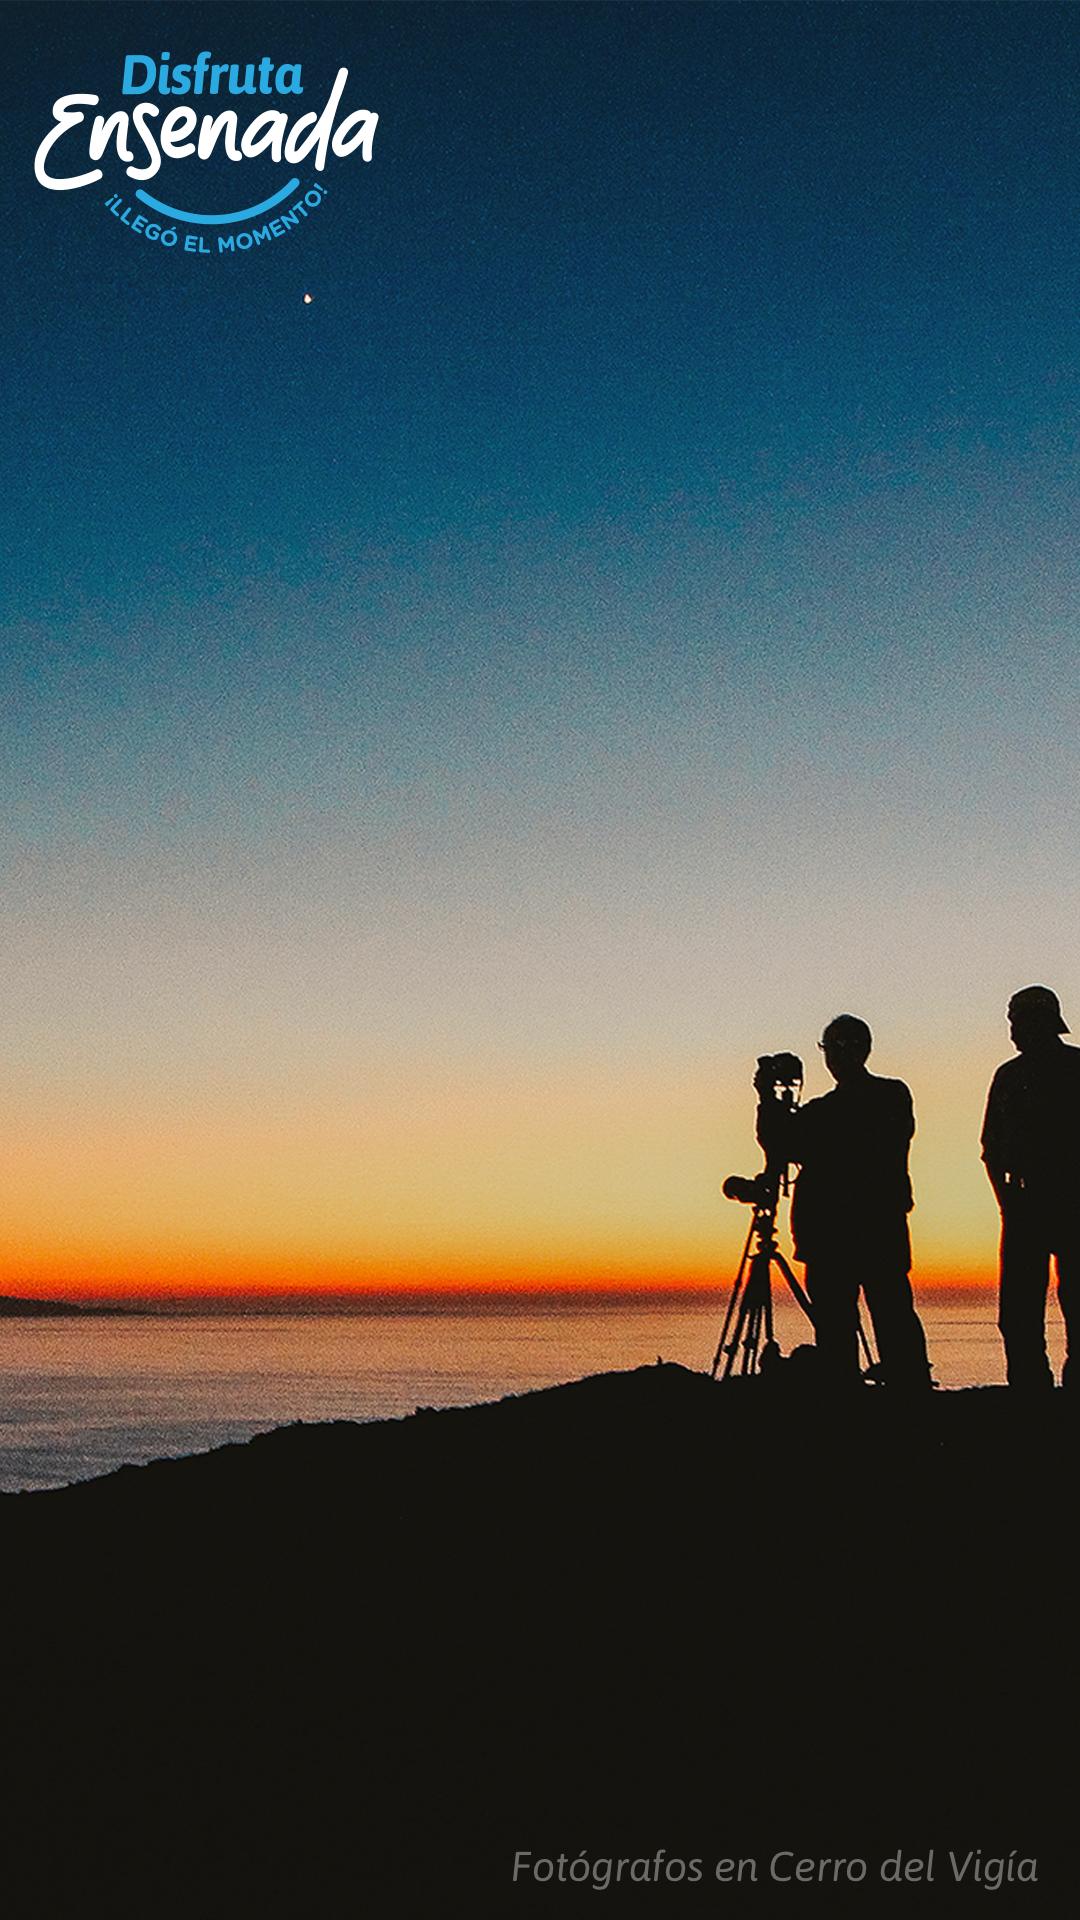 Fotógrafos en Cerro del Vigía